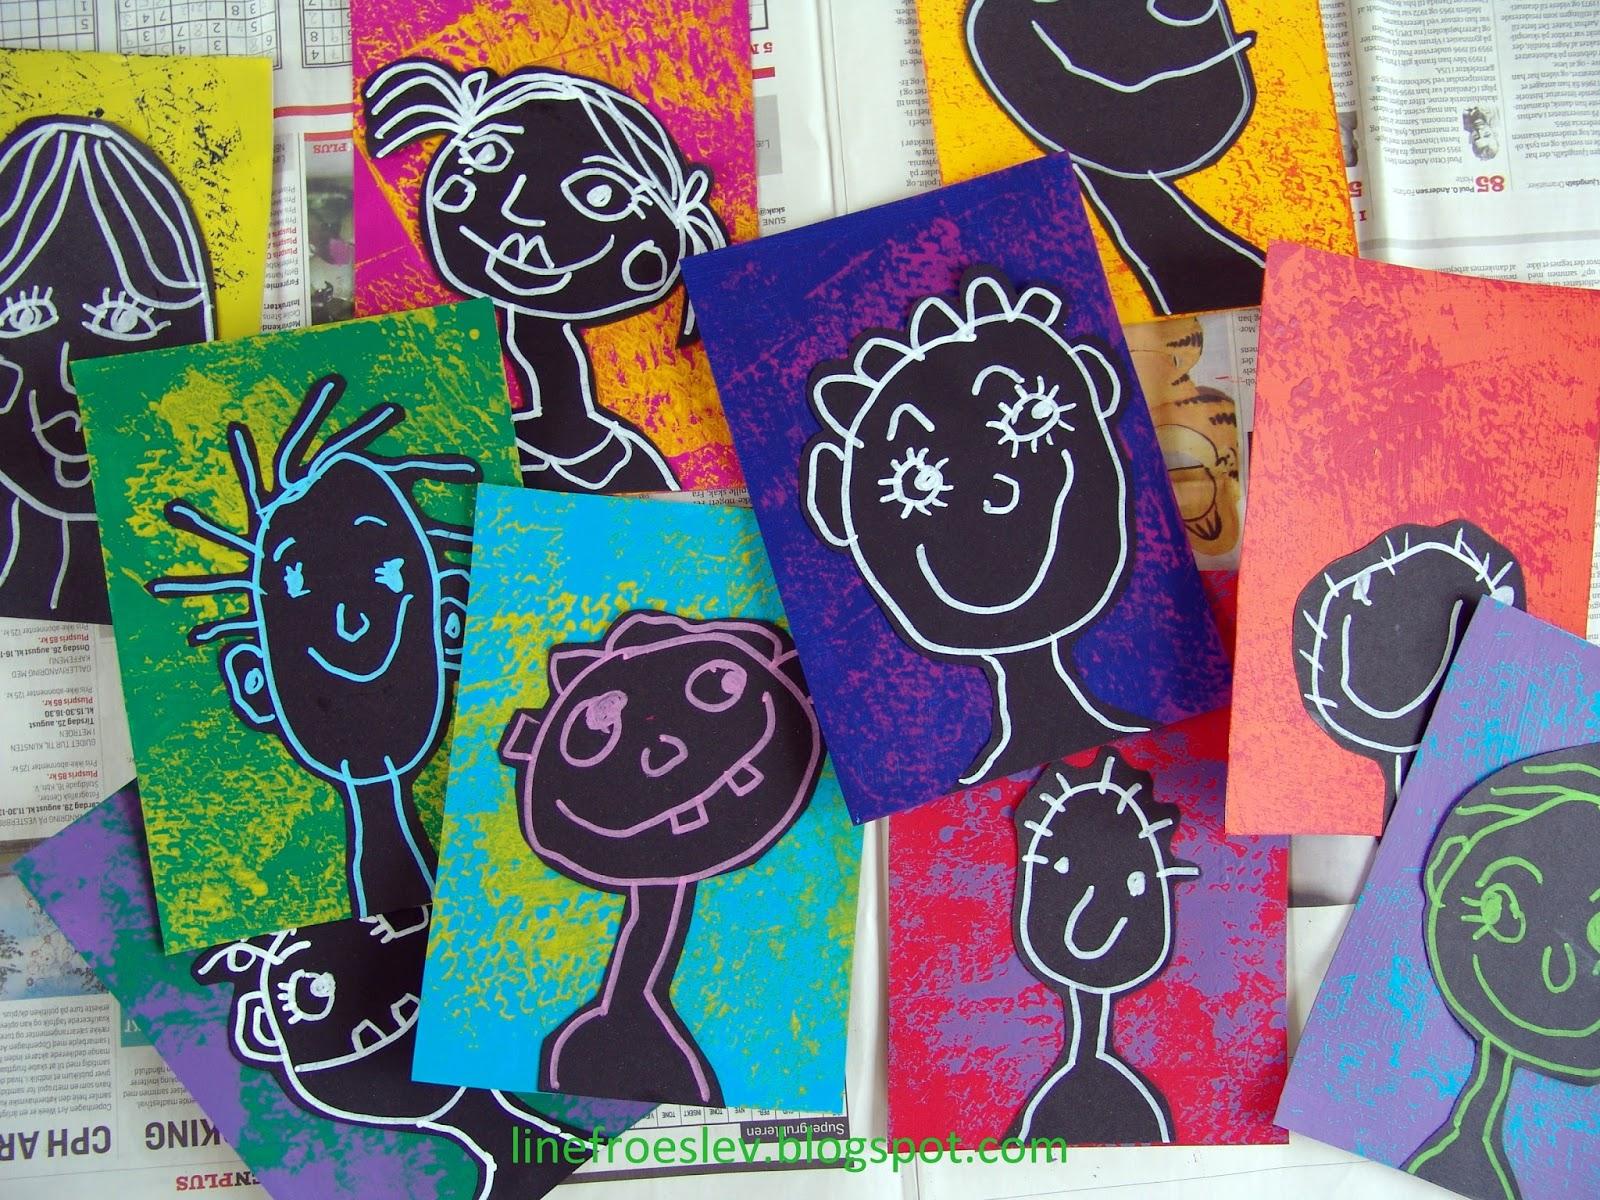 Pibterest Cast Ideas For Kids: Line Frøslev: Smæk, Smæk, Smæk